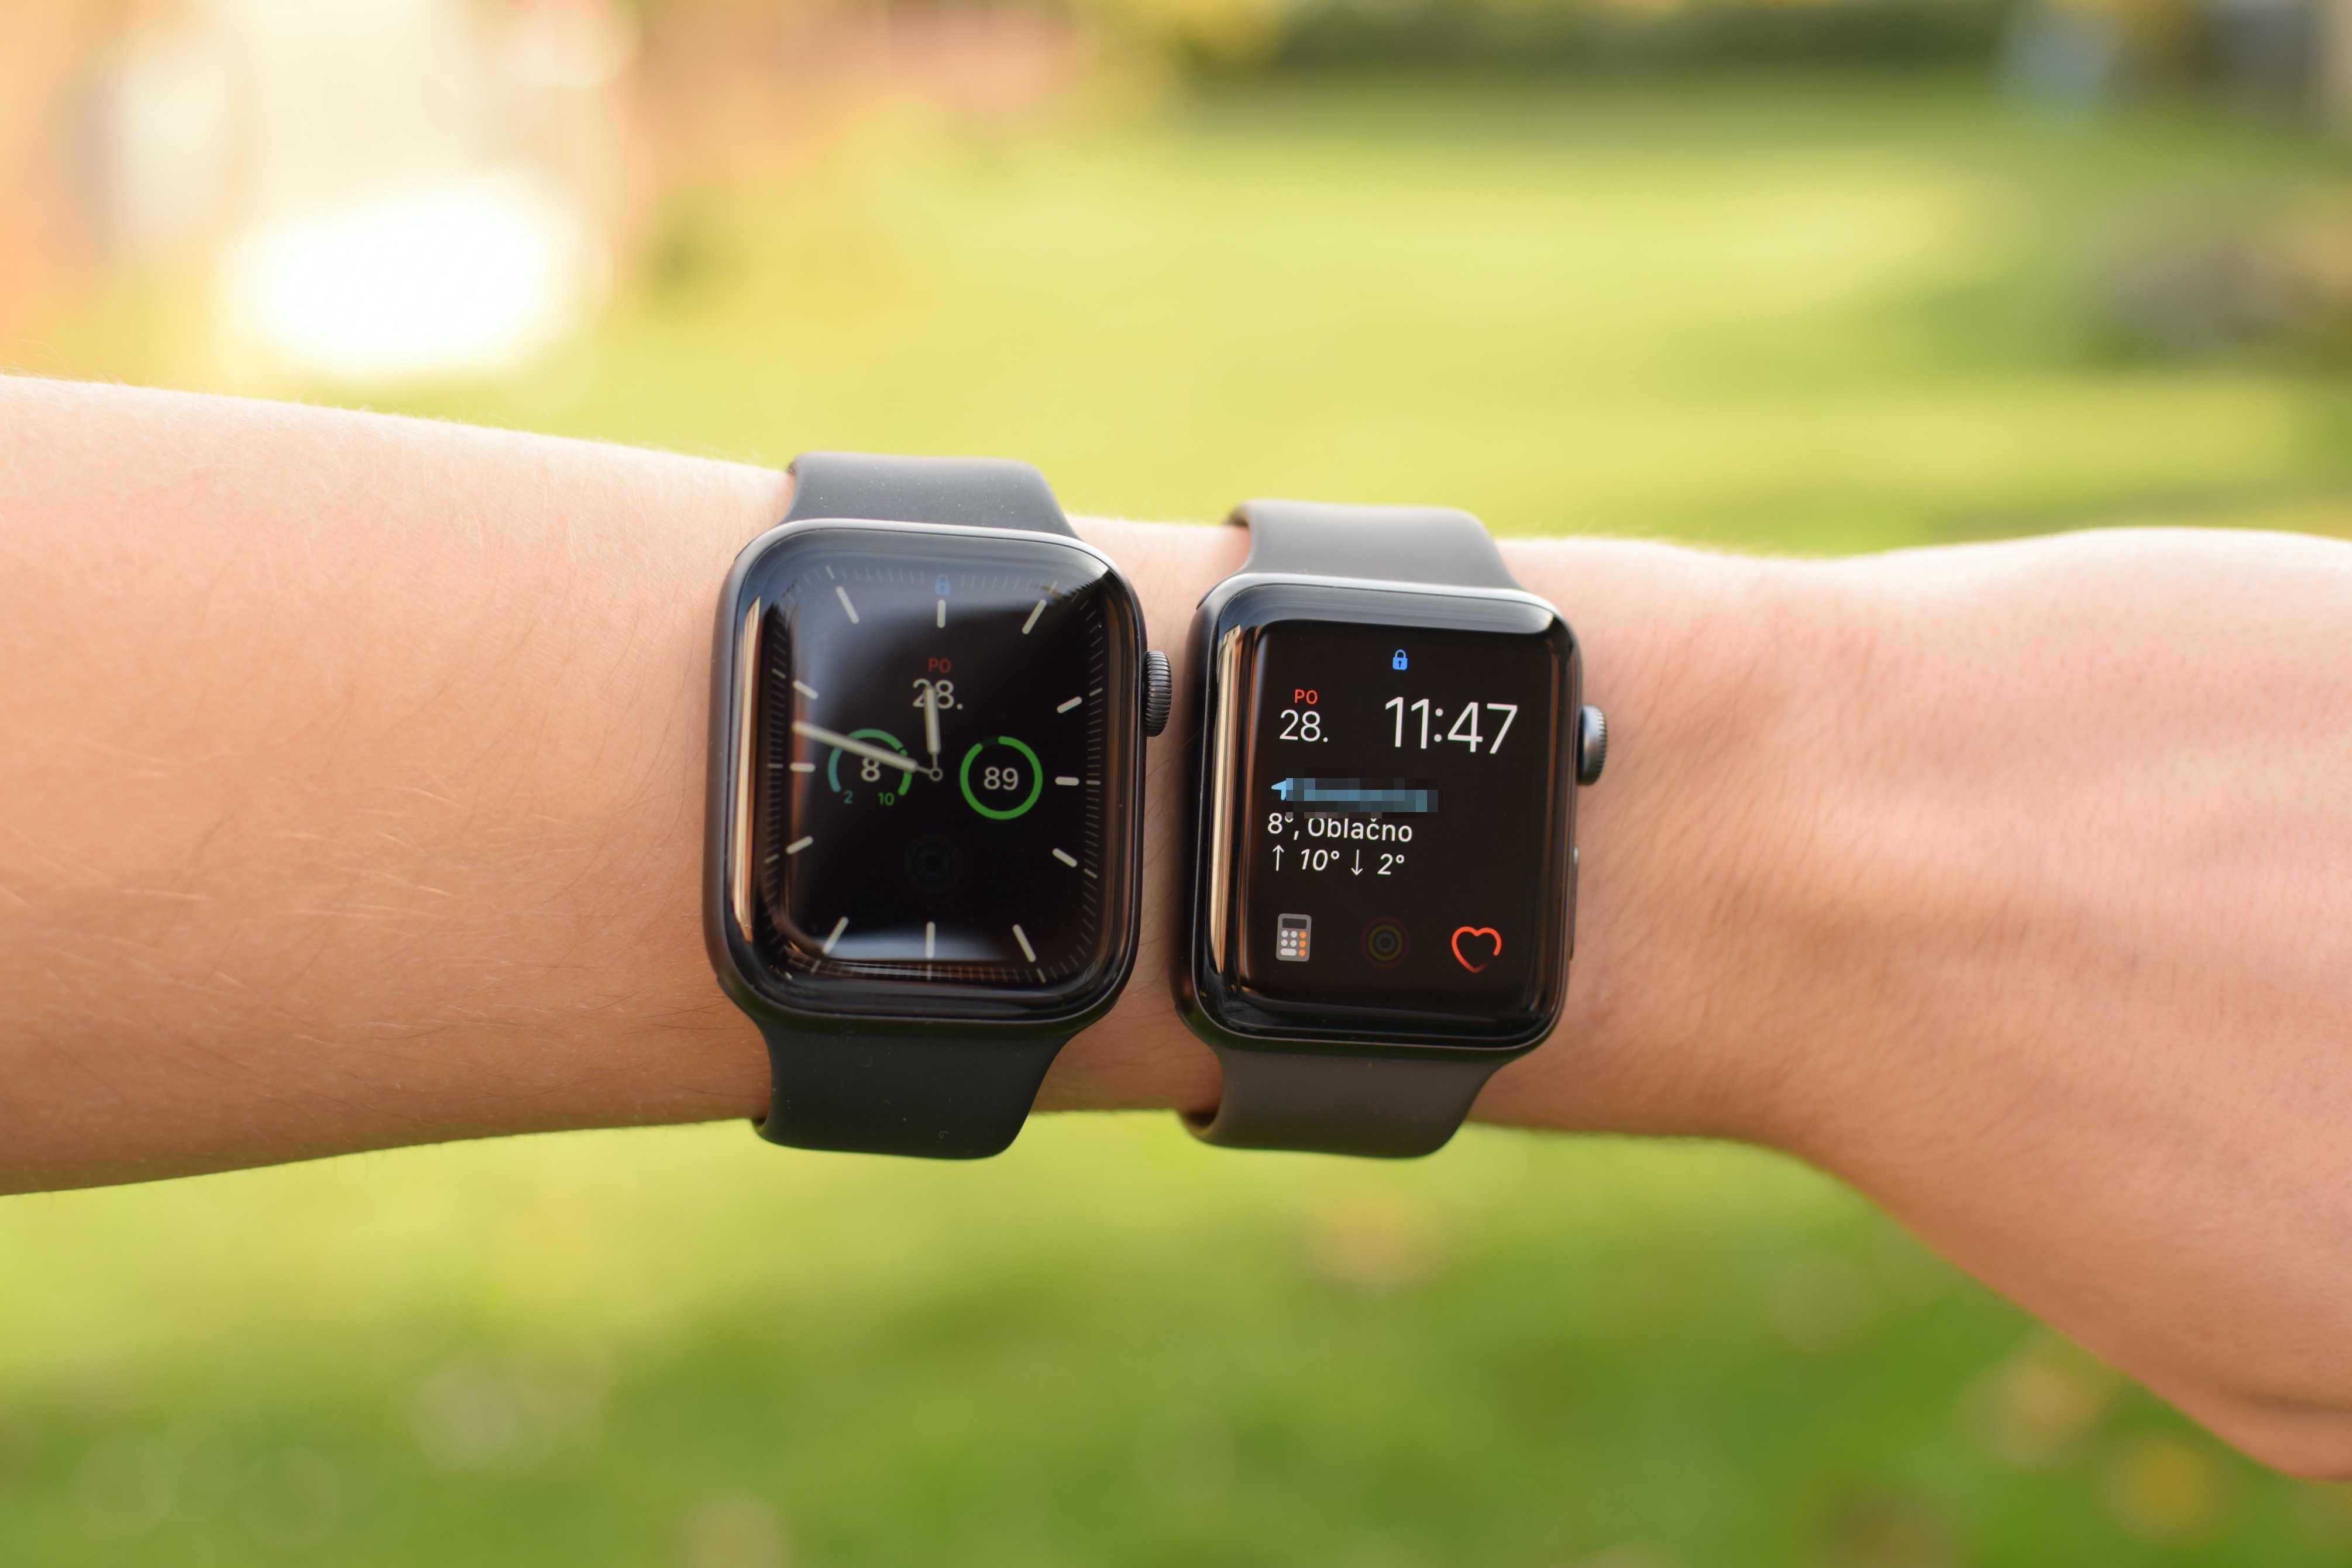 Стоит ли покупать apple watch series 3 в 2020 году | appleinsider.ru